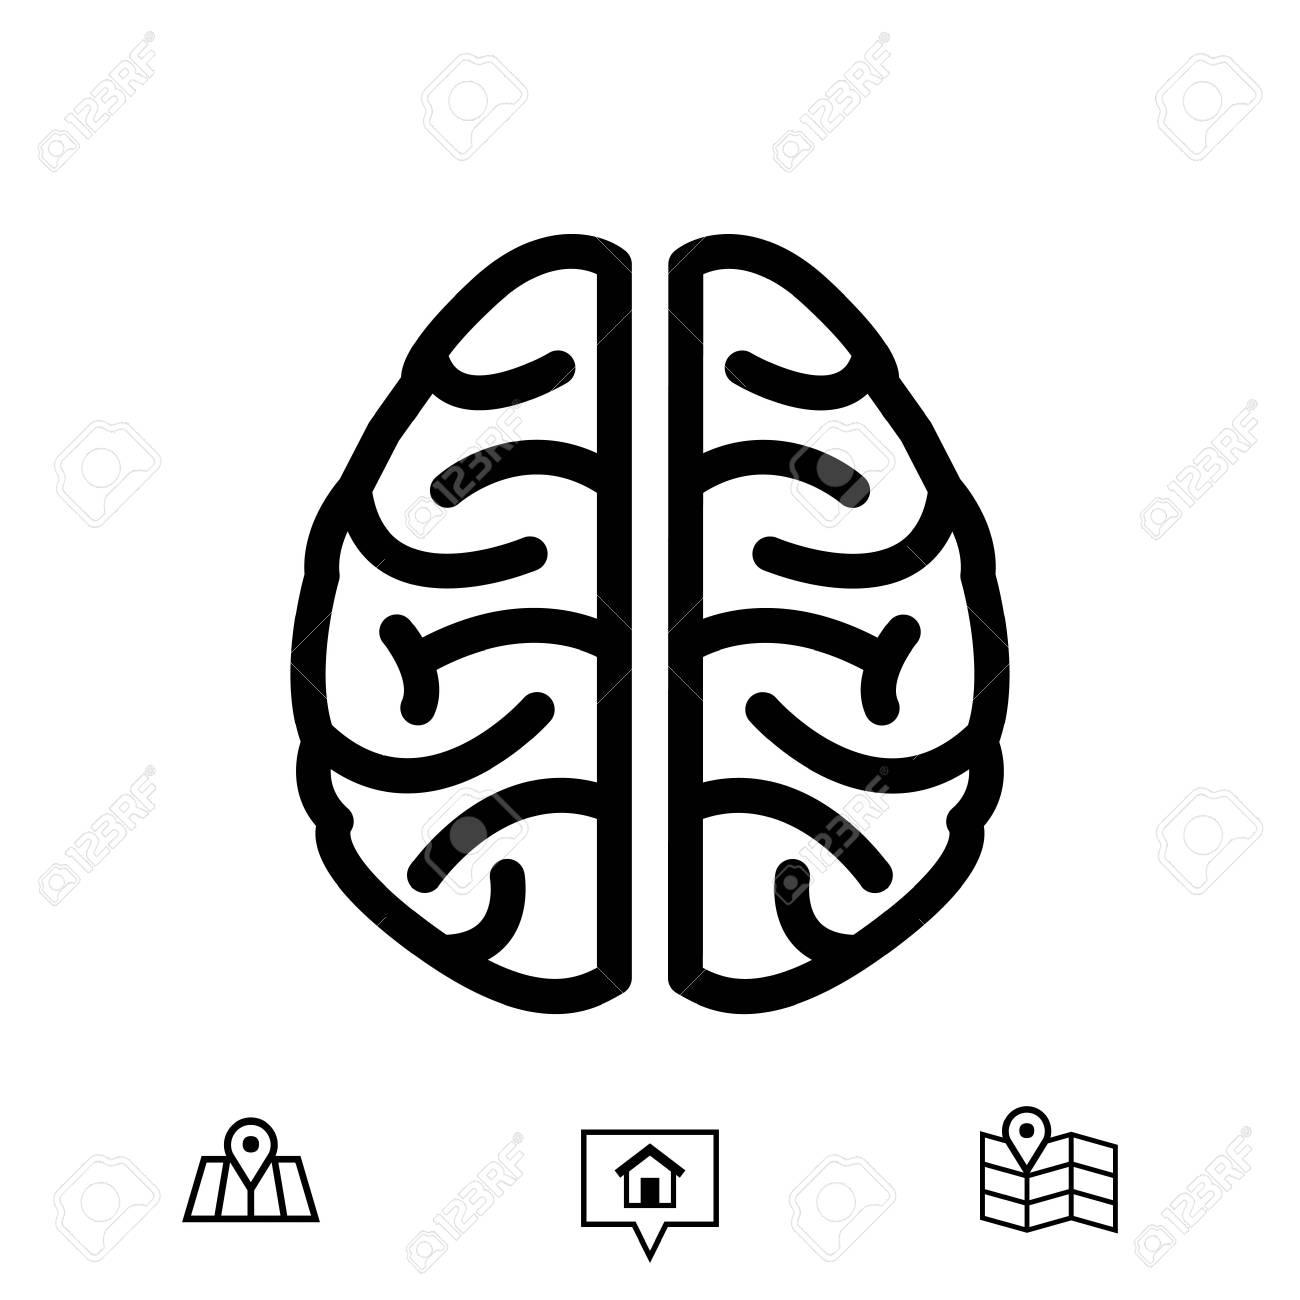 Brain icon stock vector illustration flat design royalty free brain icon stock vector illustration flat design stock vector 77891018 biocorpaavc Images